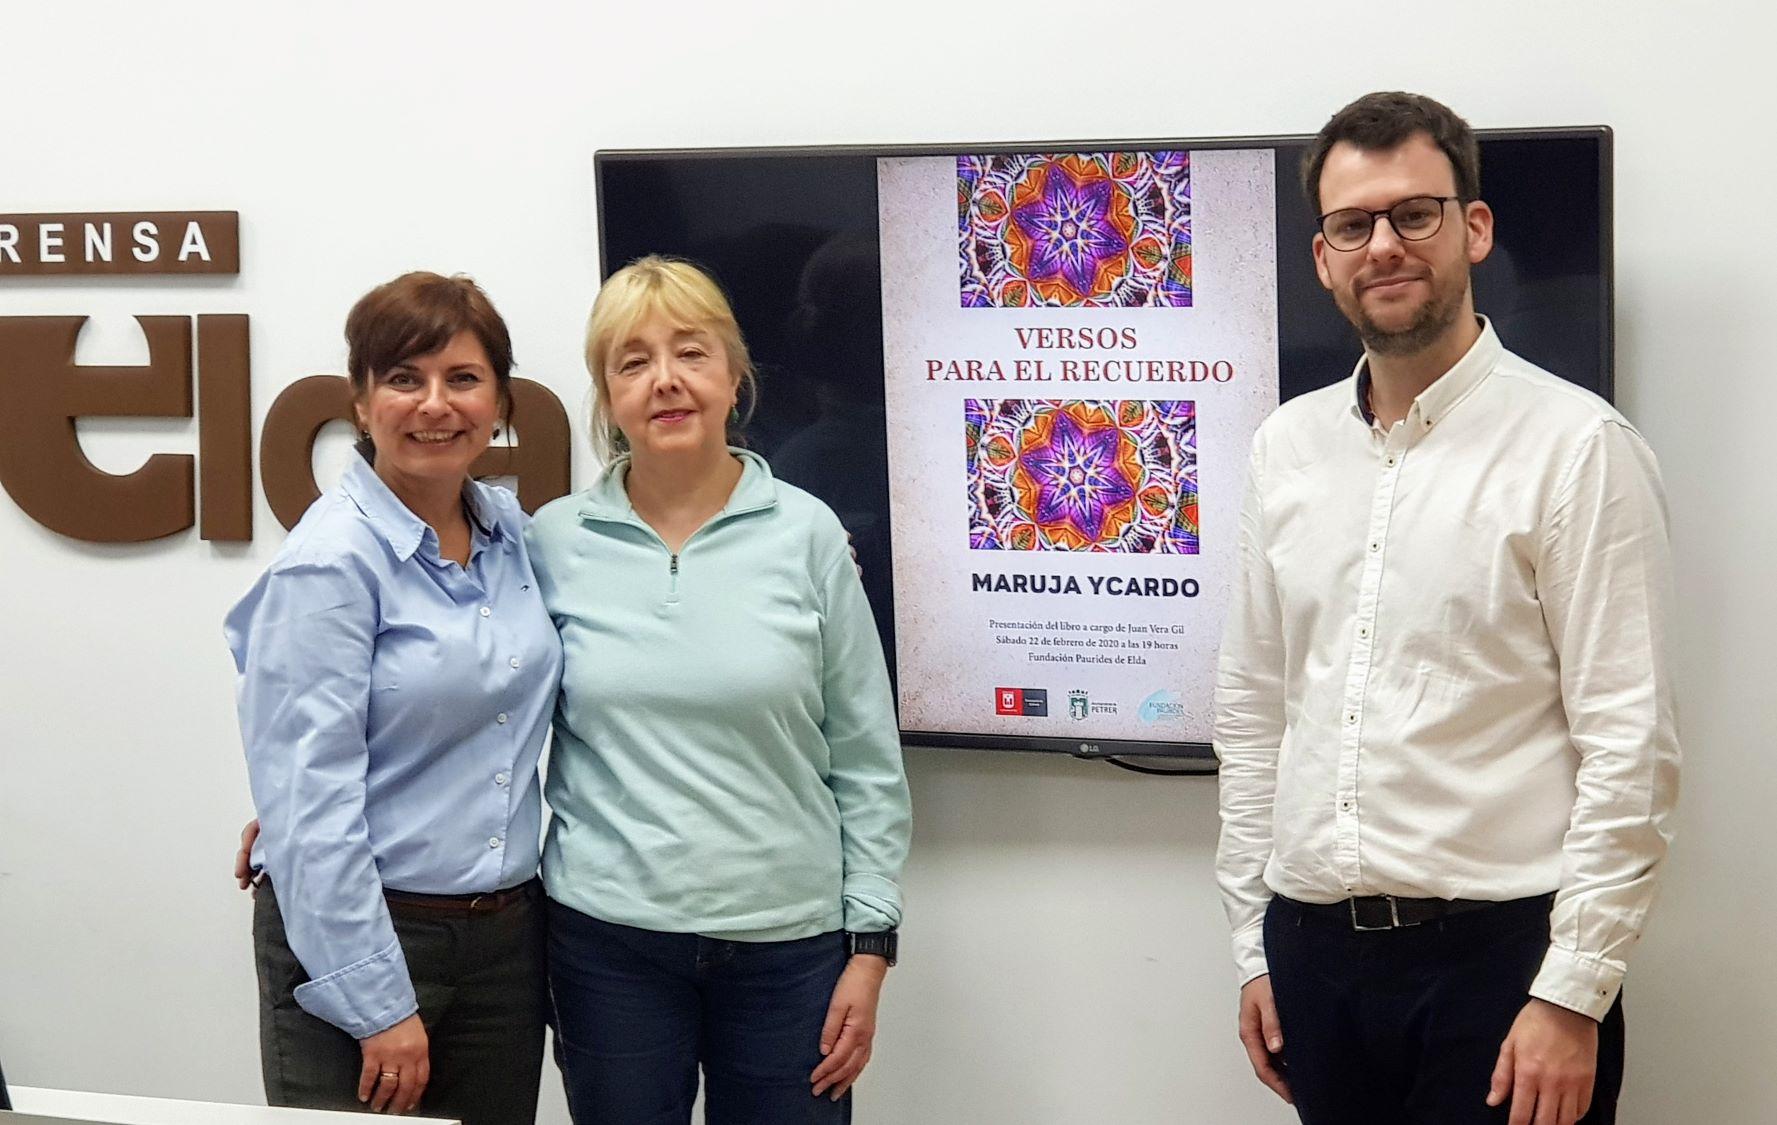 Elda y Petrer rinden homenaje a la poetisa eldense Maruja Ycardo con un libro de versos inéditos